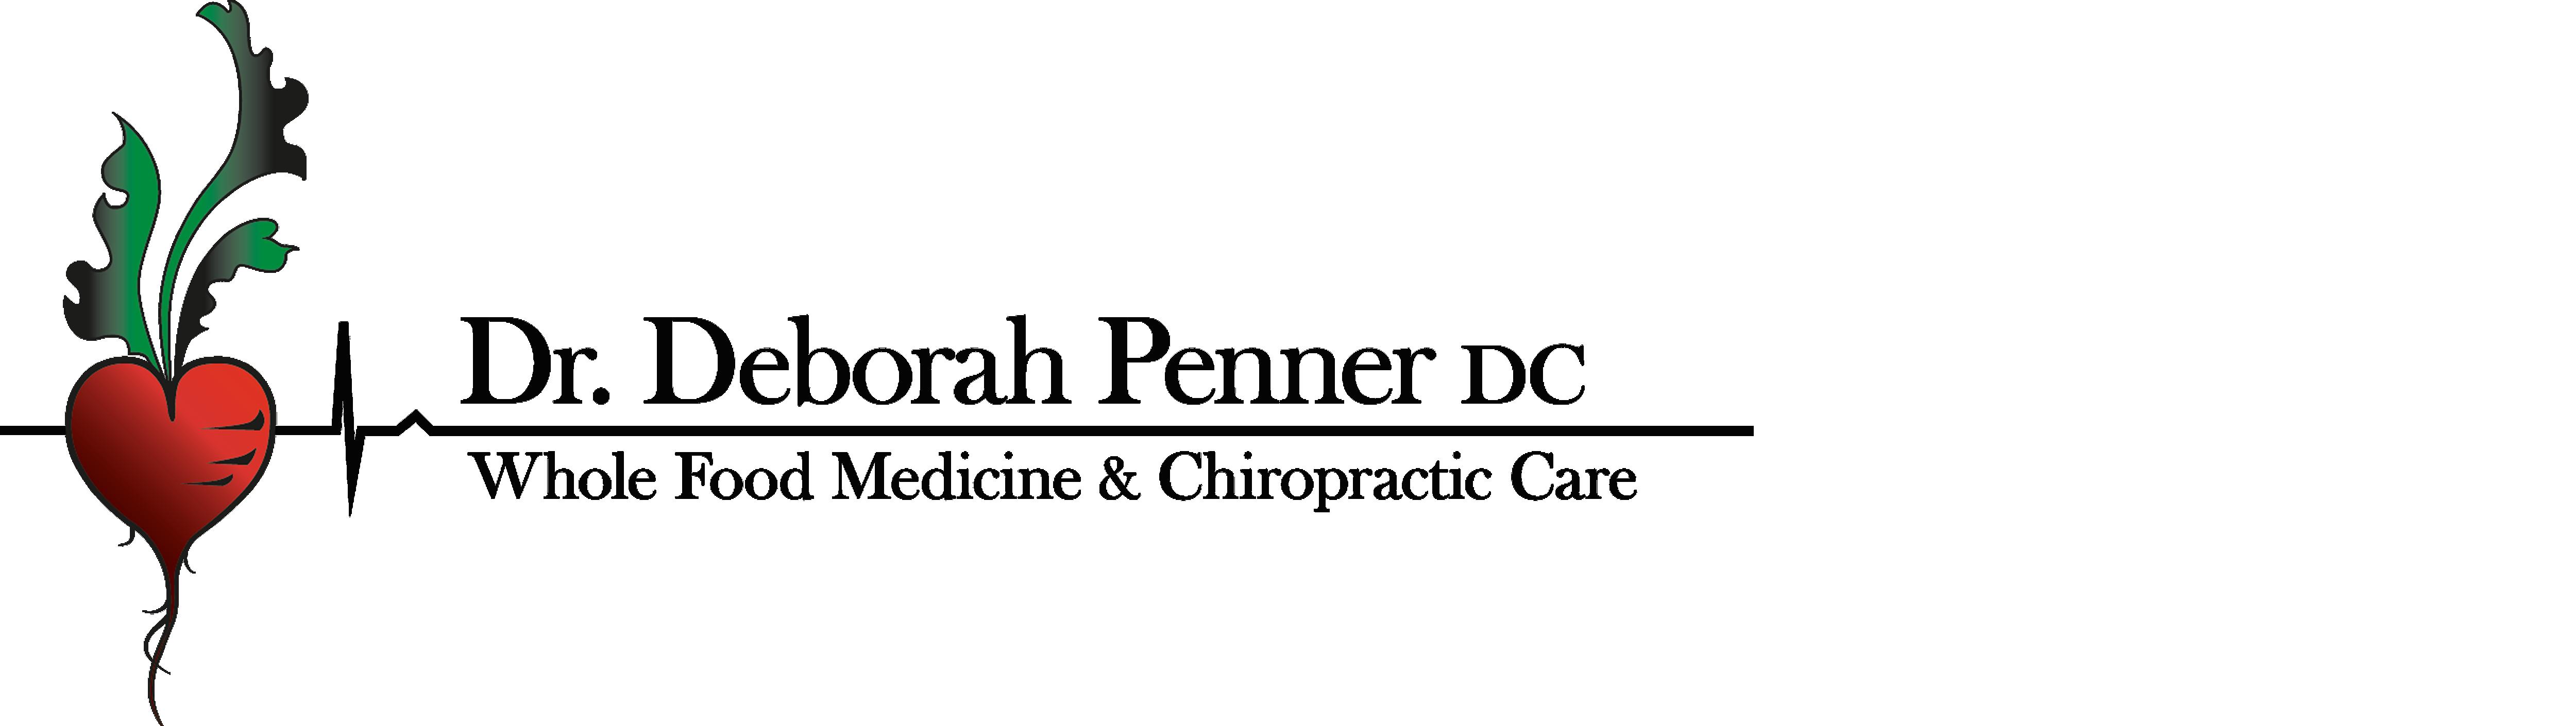 Doctor Penner D.C. logo